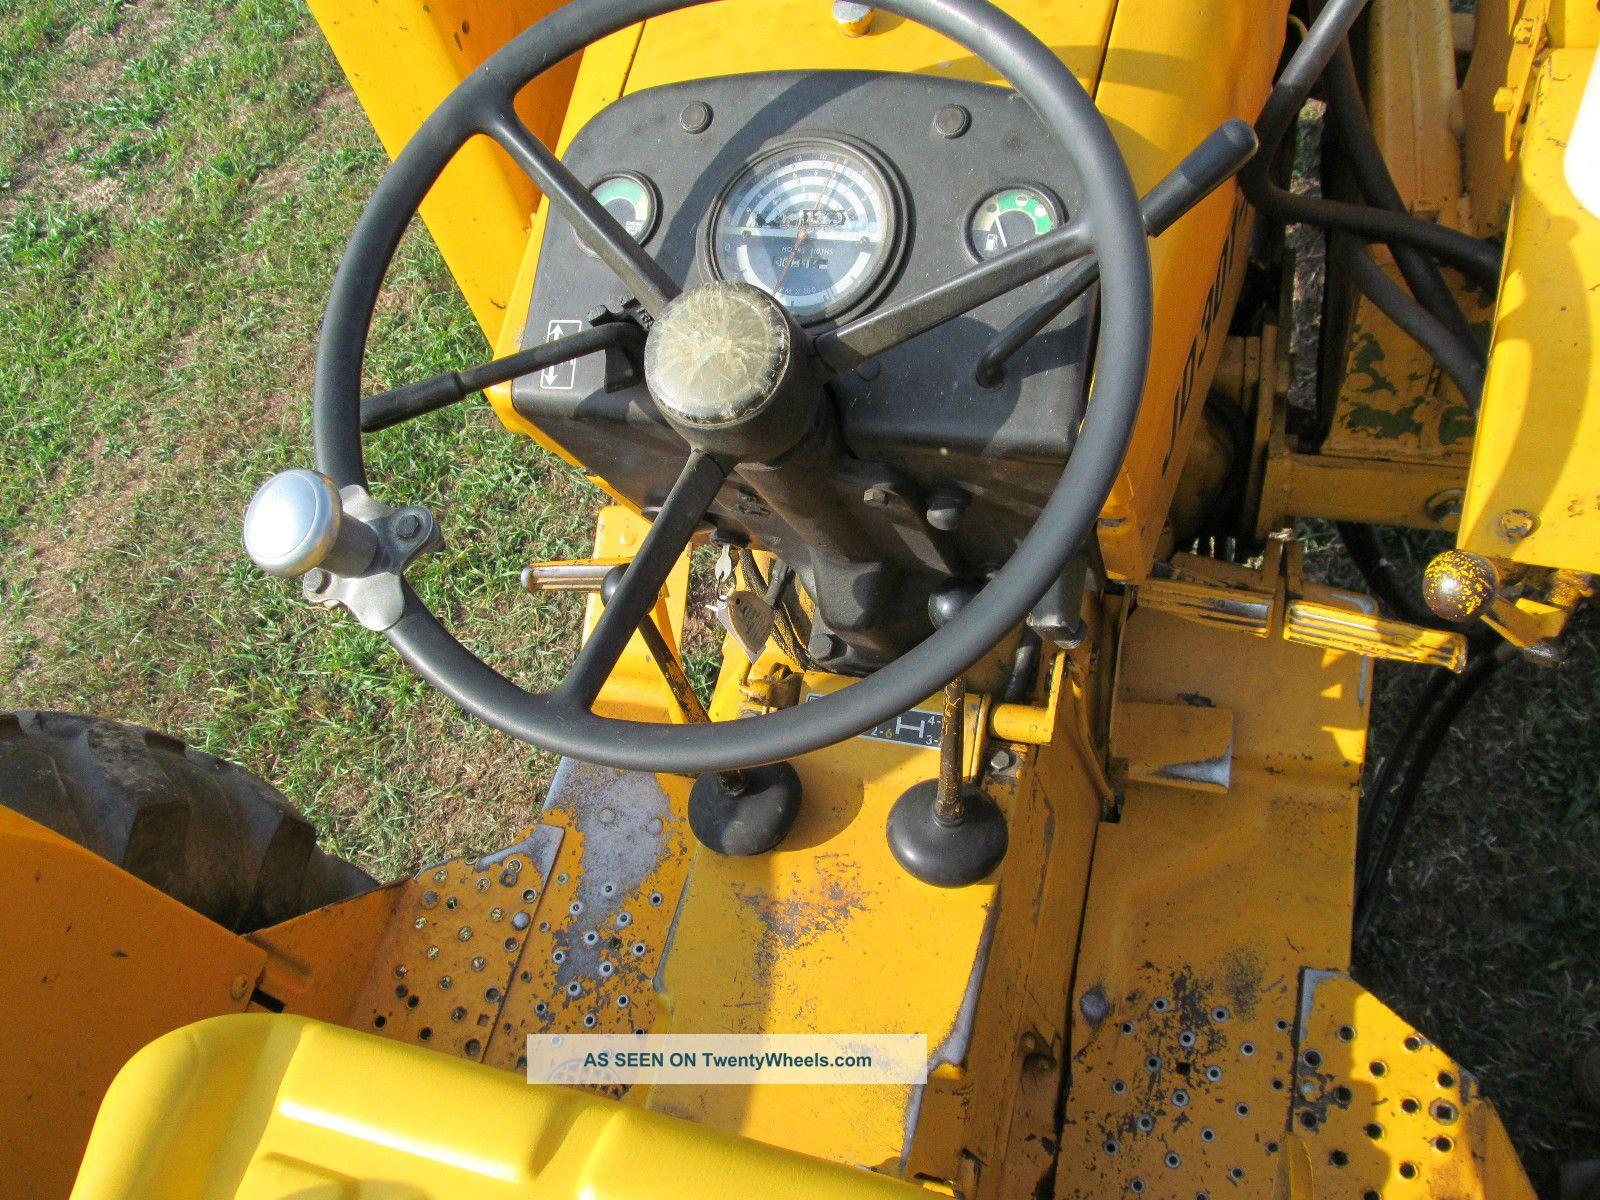 John Deere A Industrial Tractor Loader Hp Diesel Gear Hydro Shuttle Pt Lgw